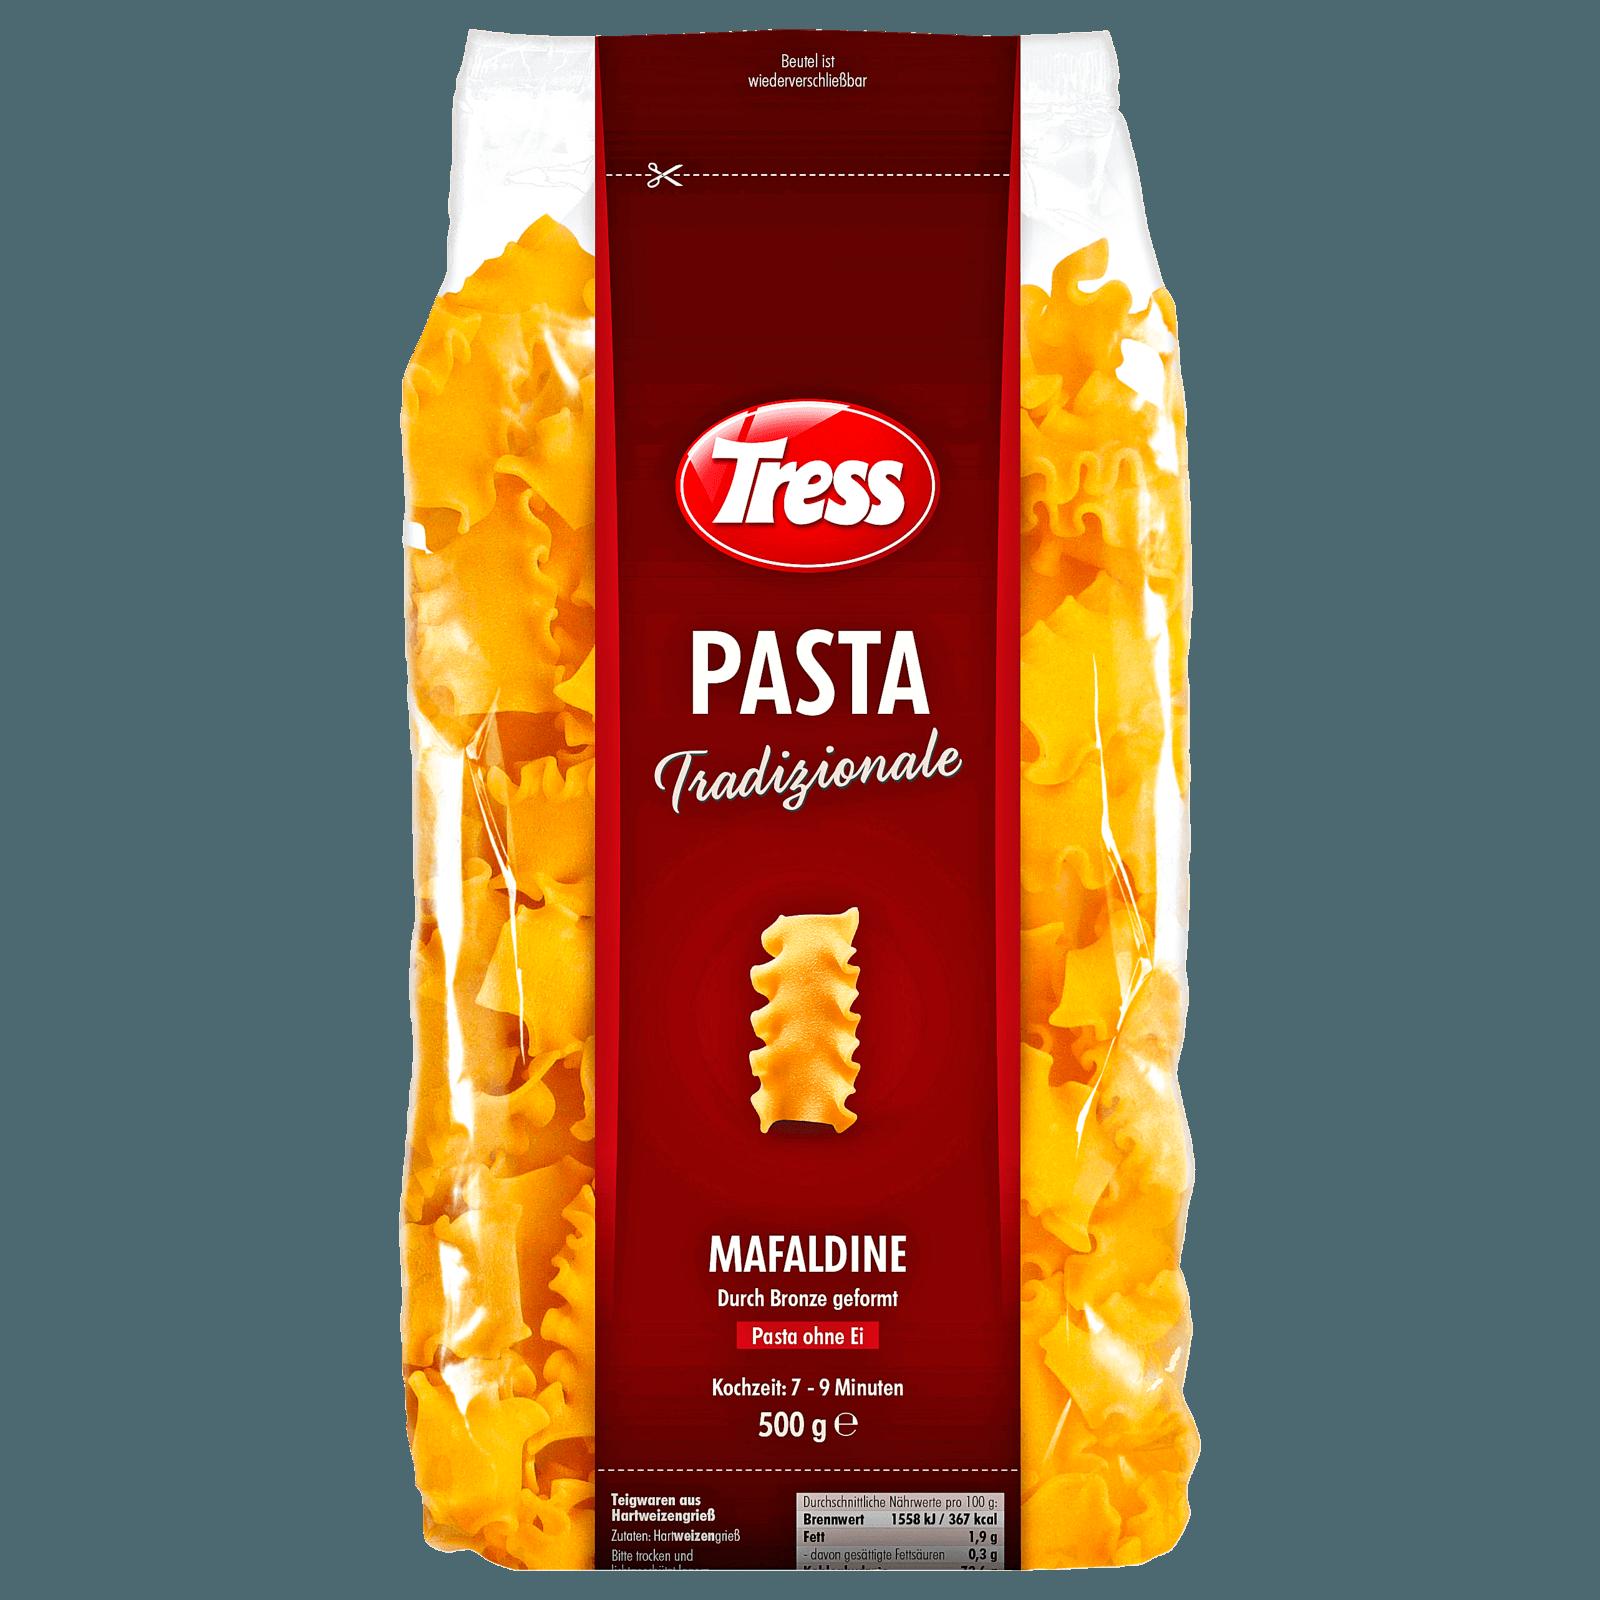 Tress Pasta Tradizionale Mafaldine 500g